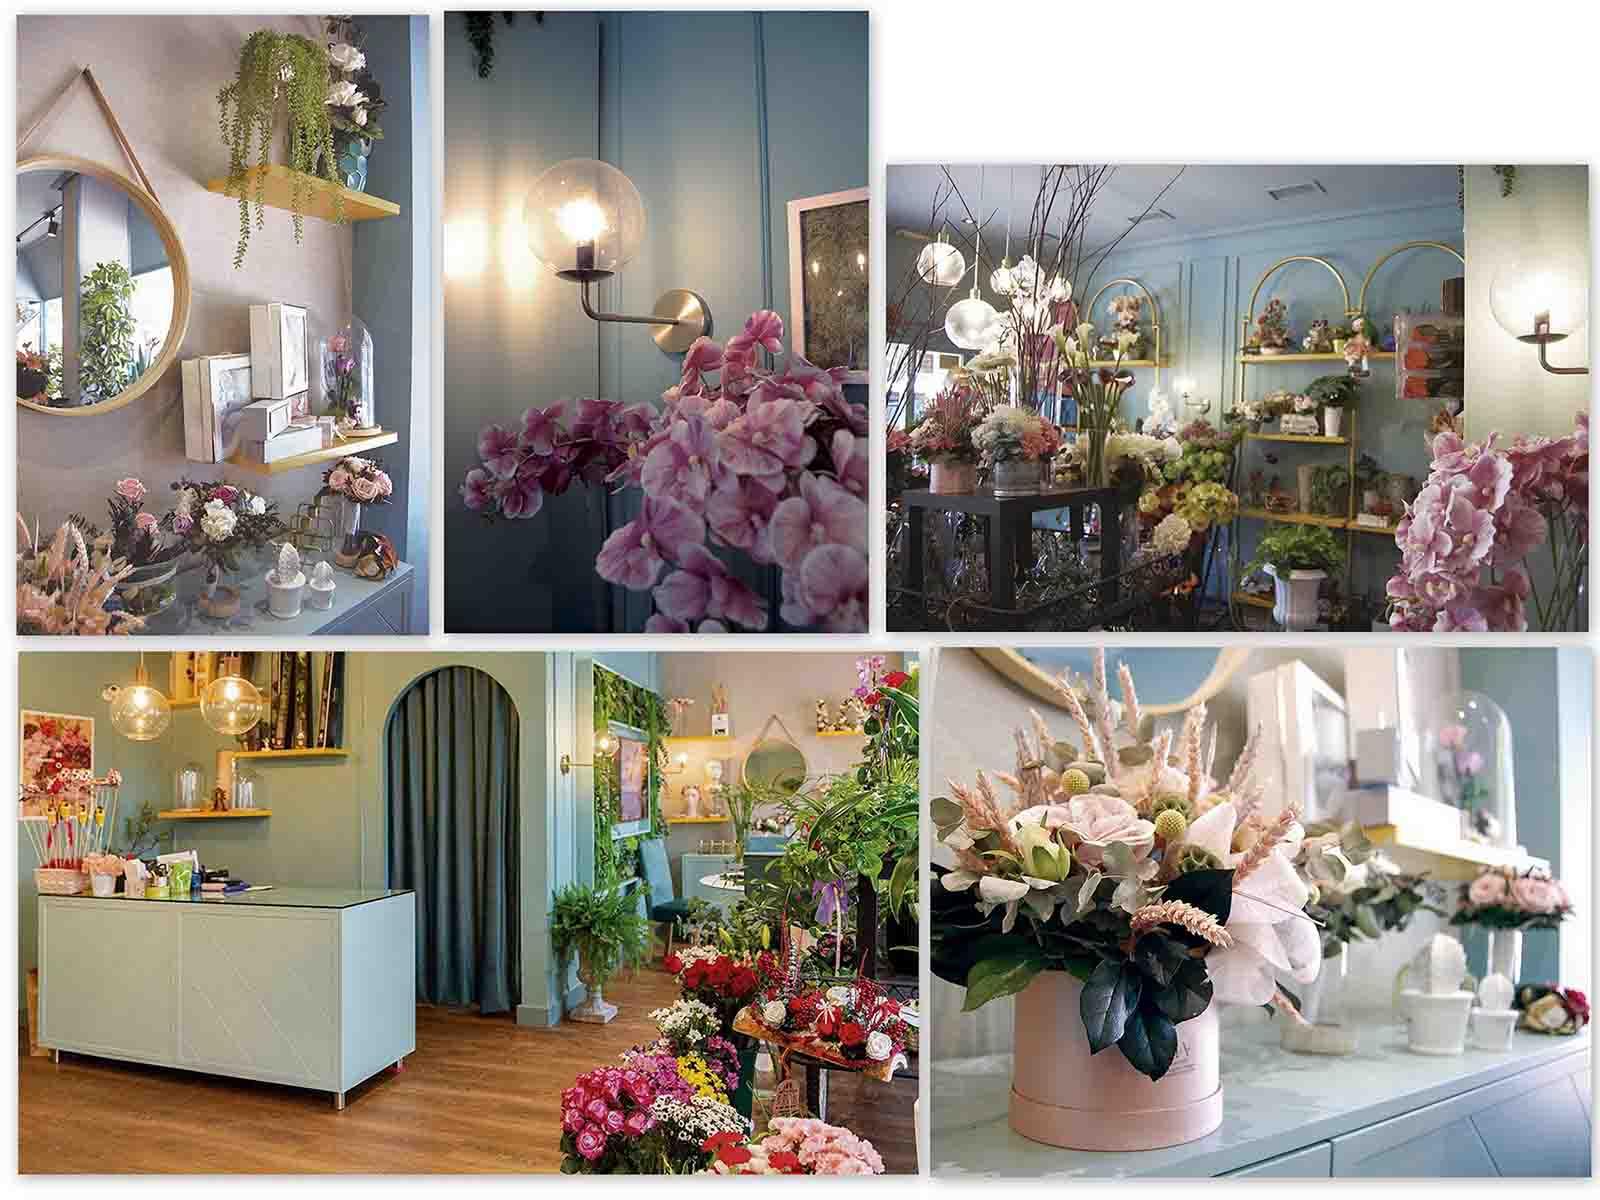 Resultados del restyling del negocio de la floristería